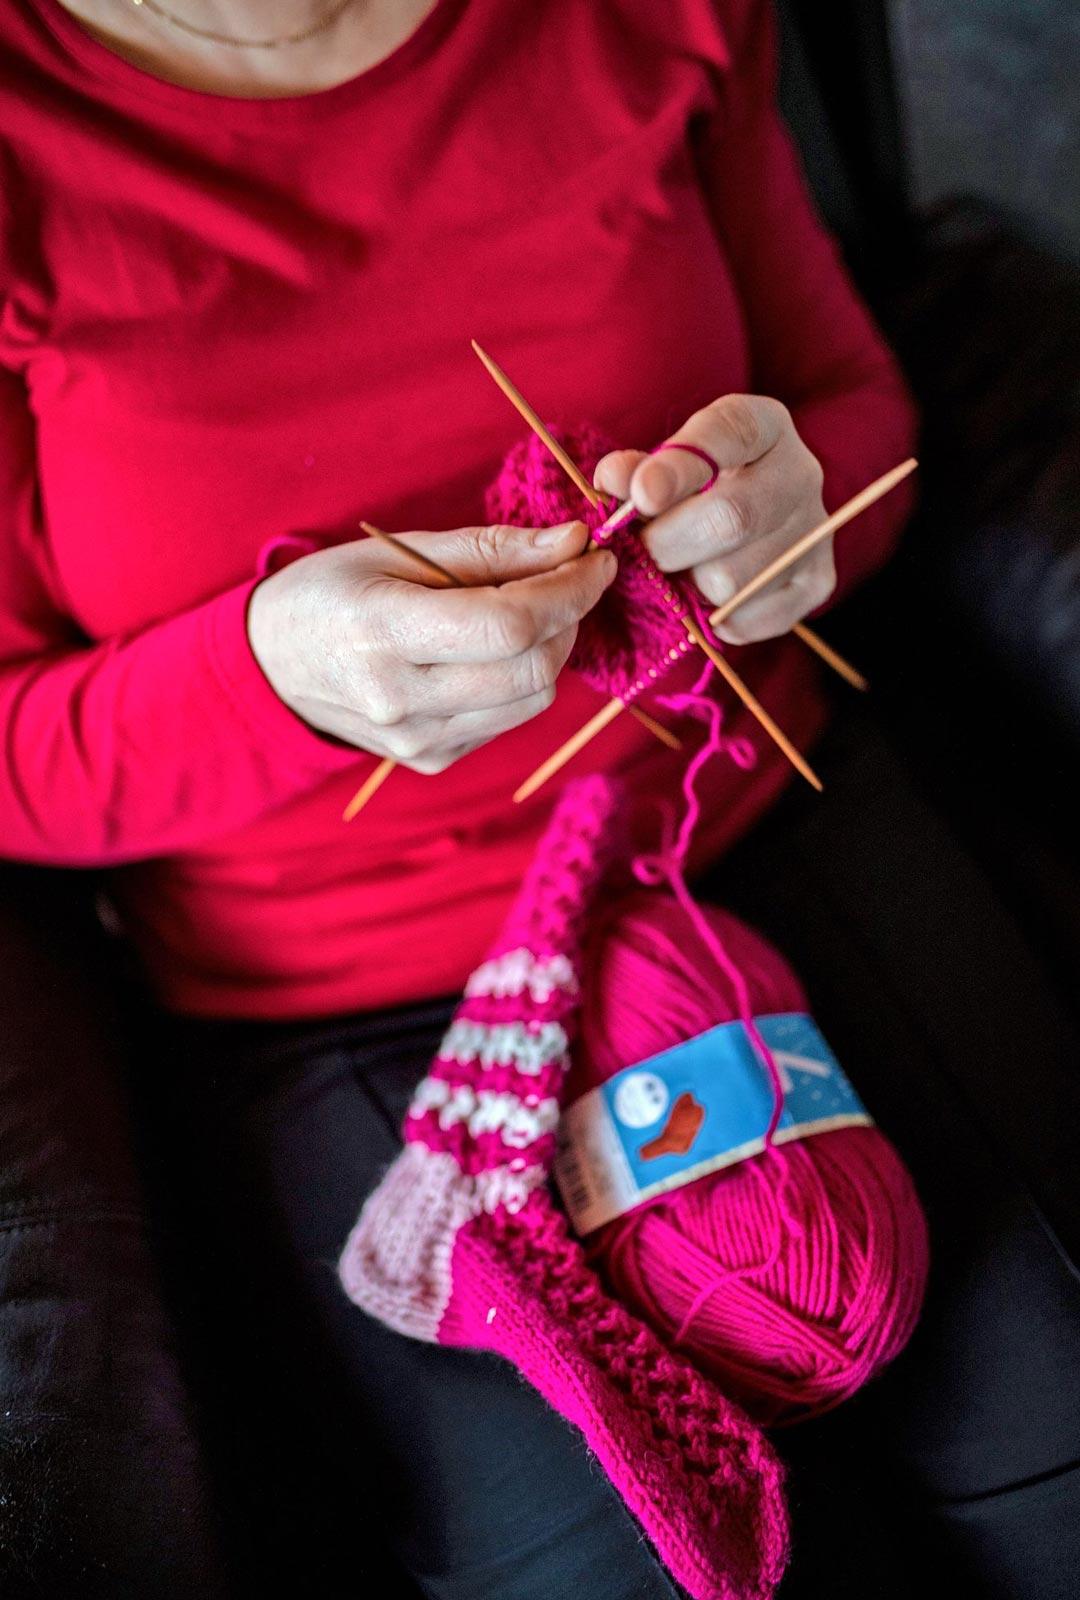 Vapaapäivinään Anitta lepää ja tekee käsitöitä, esimerkiksi kutoo kangaspuilla ja neuloo.